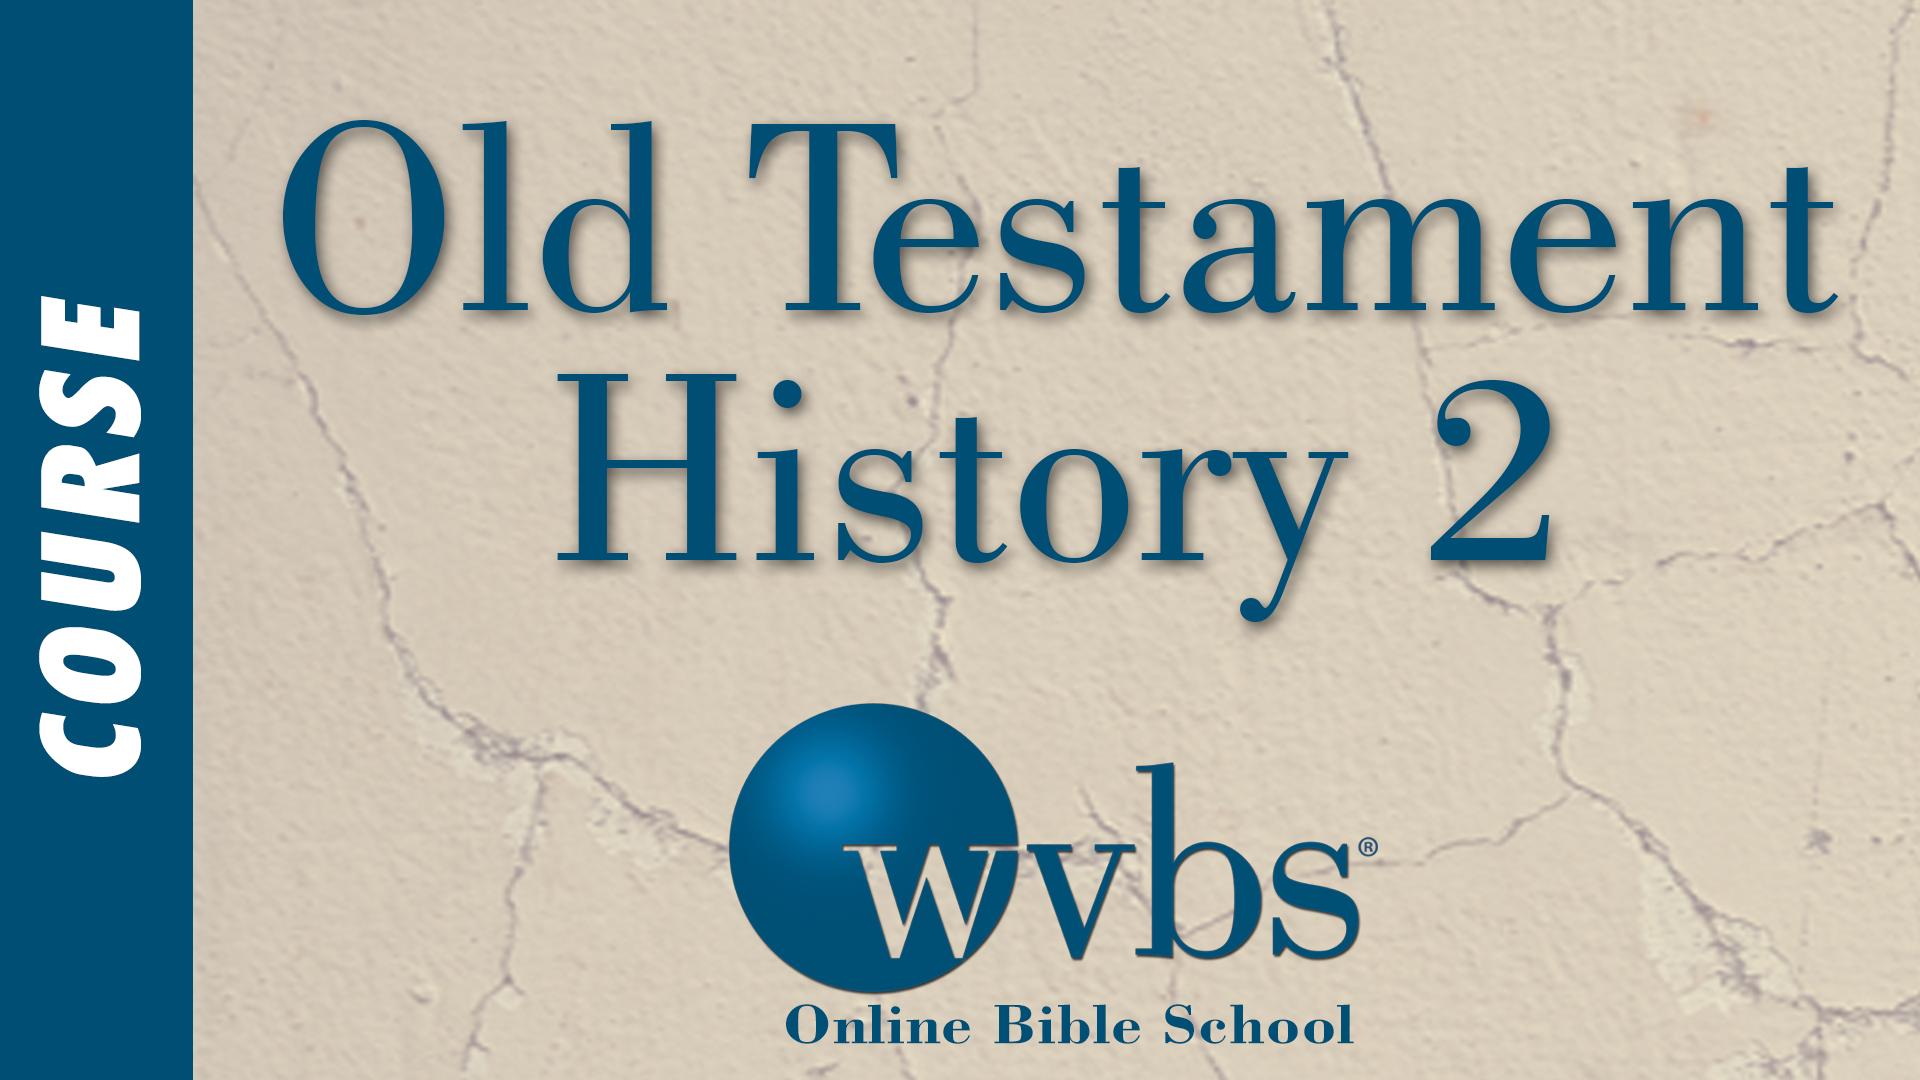 Old Testament History 2 (Online Bible School)